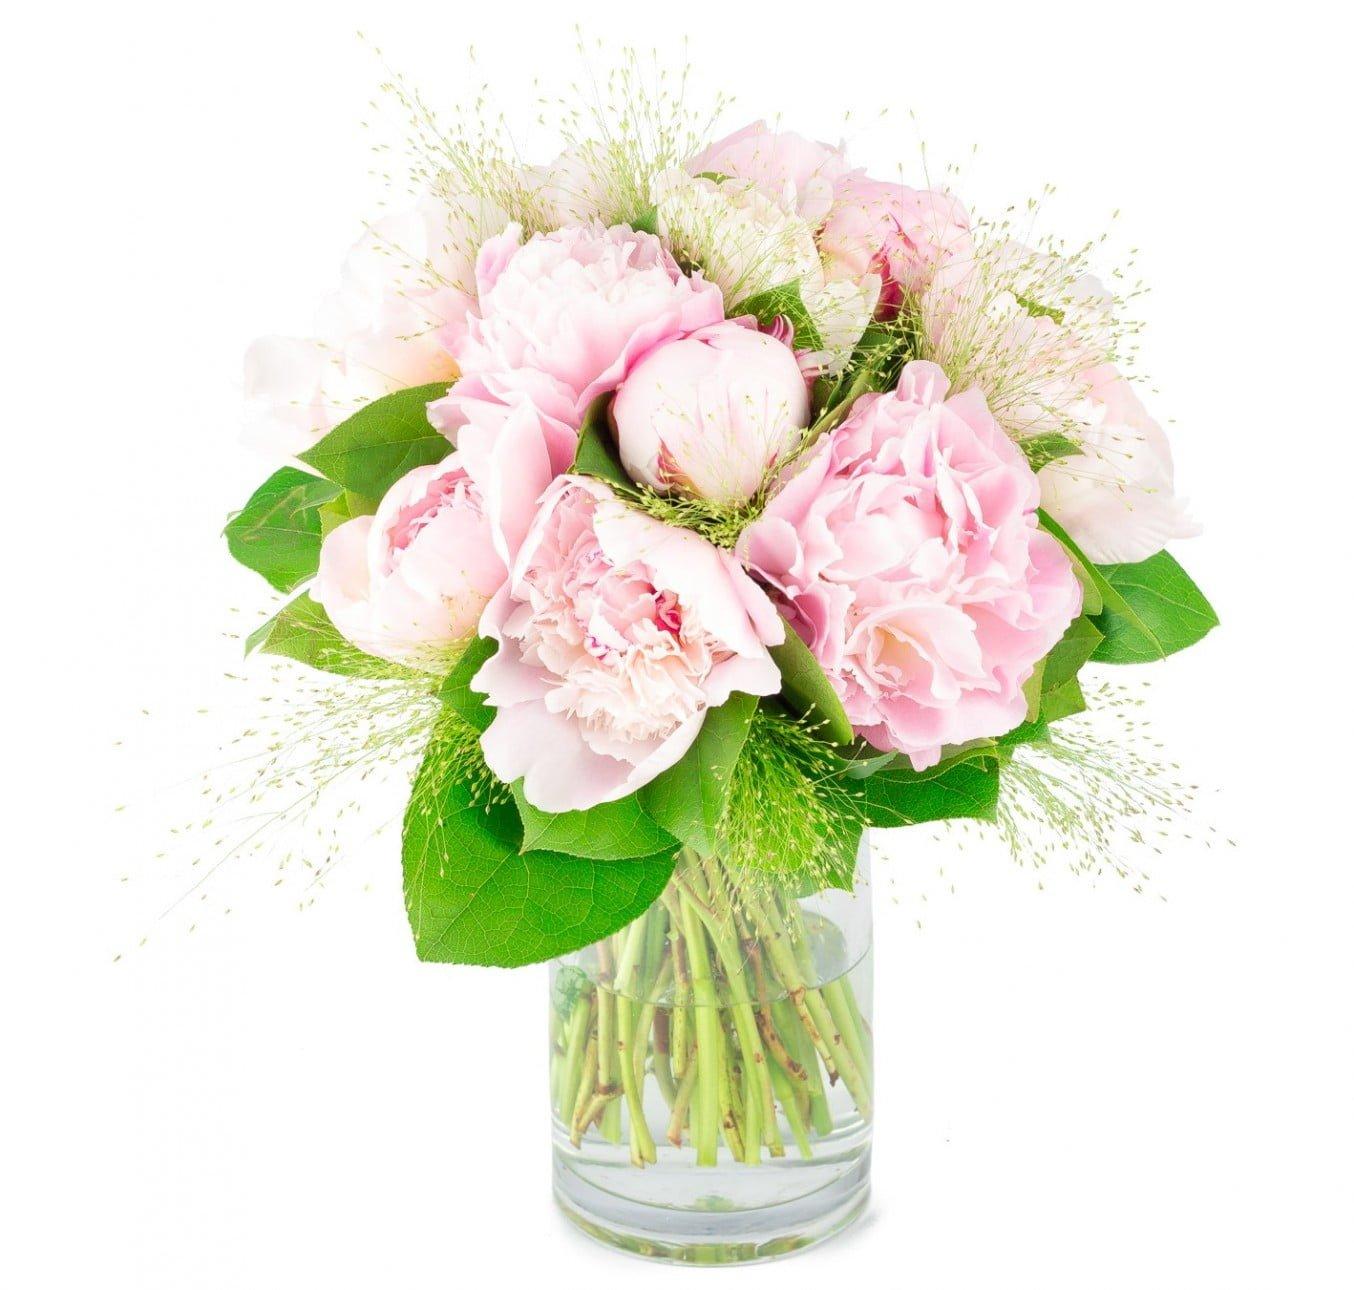 Bouquet de pivoines roses avec graminées et feuillage